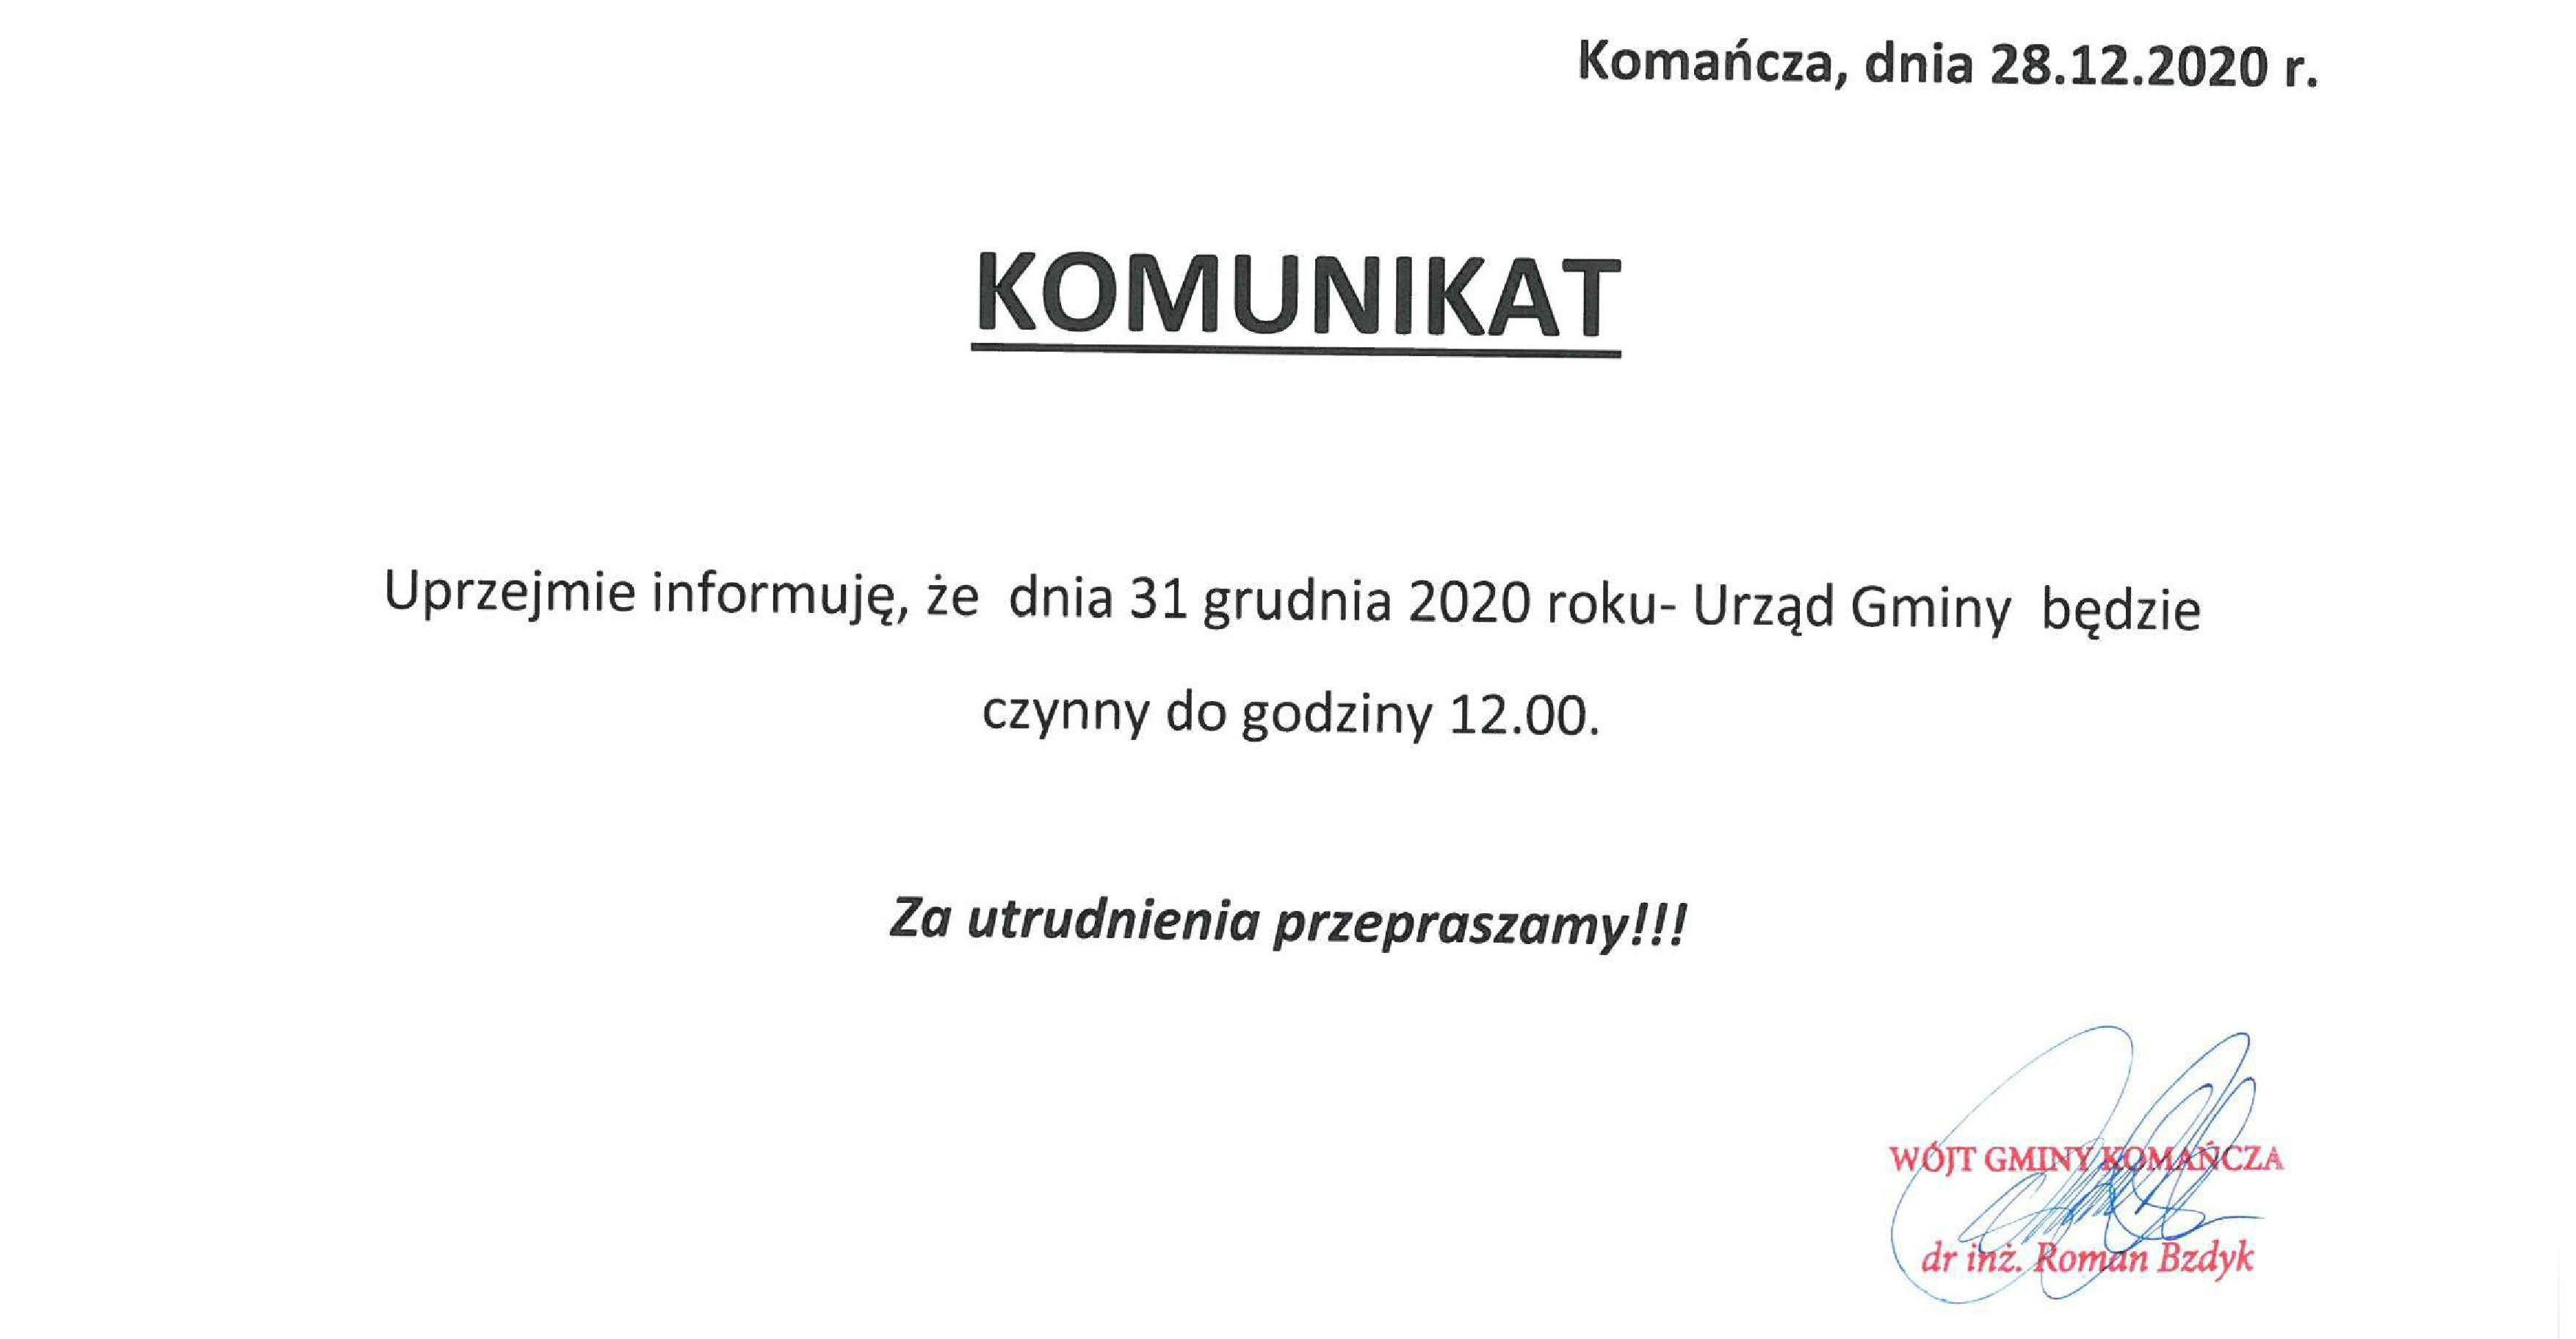 Informacja o godzinach pracy Urzędu Gminy Komańcza w dniu 31 grudnia 2020 roku